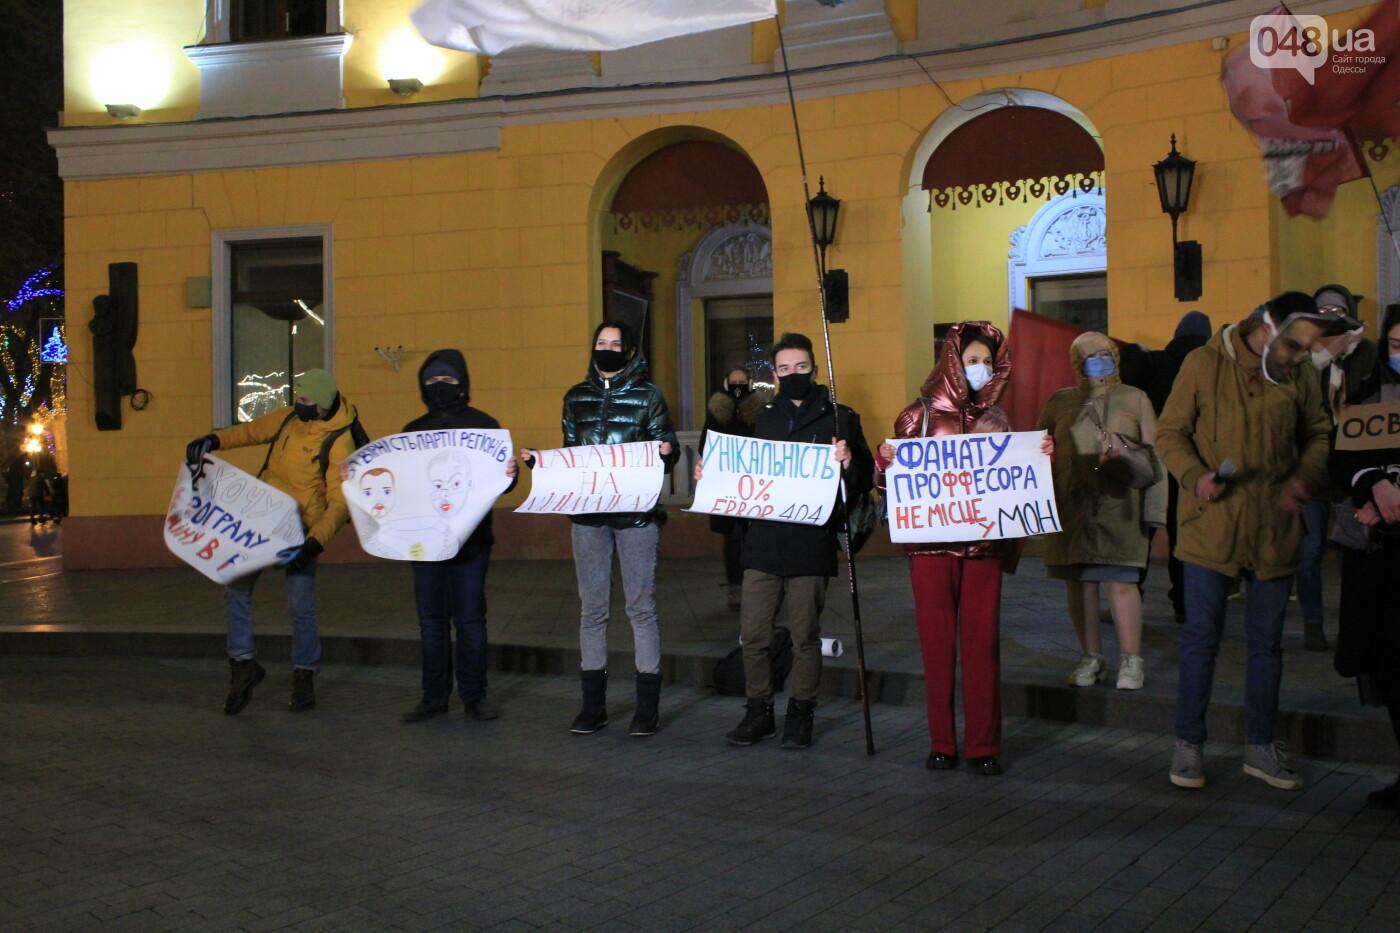 Одесский перформанс: связали и надругались над образованием возле Дюка, - ФОТО, ВИДЕО, фото-6